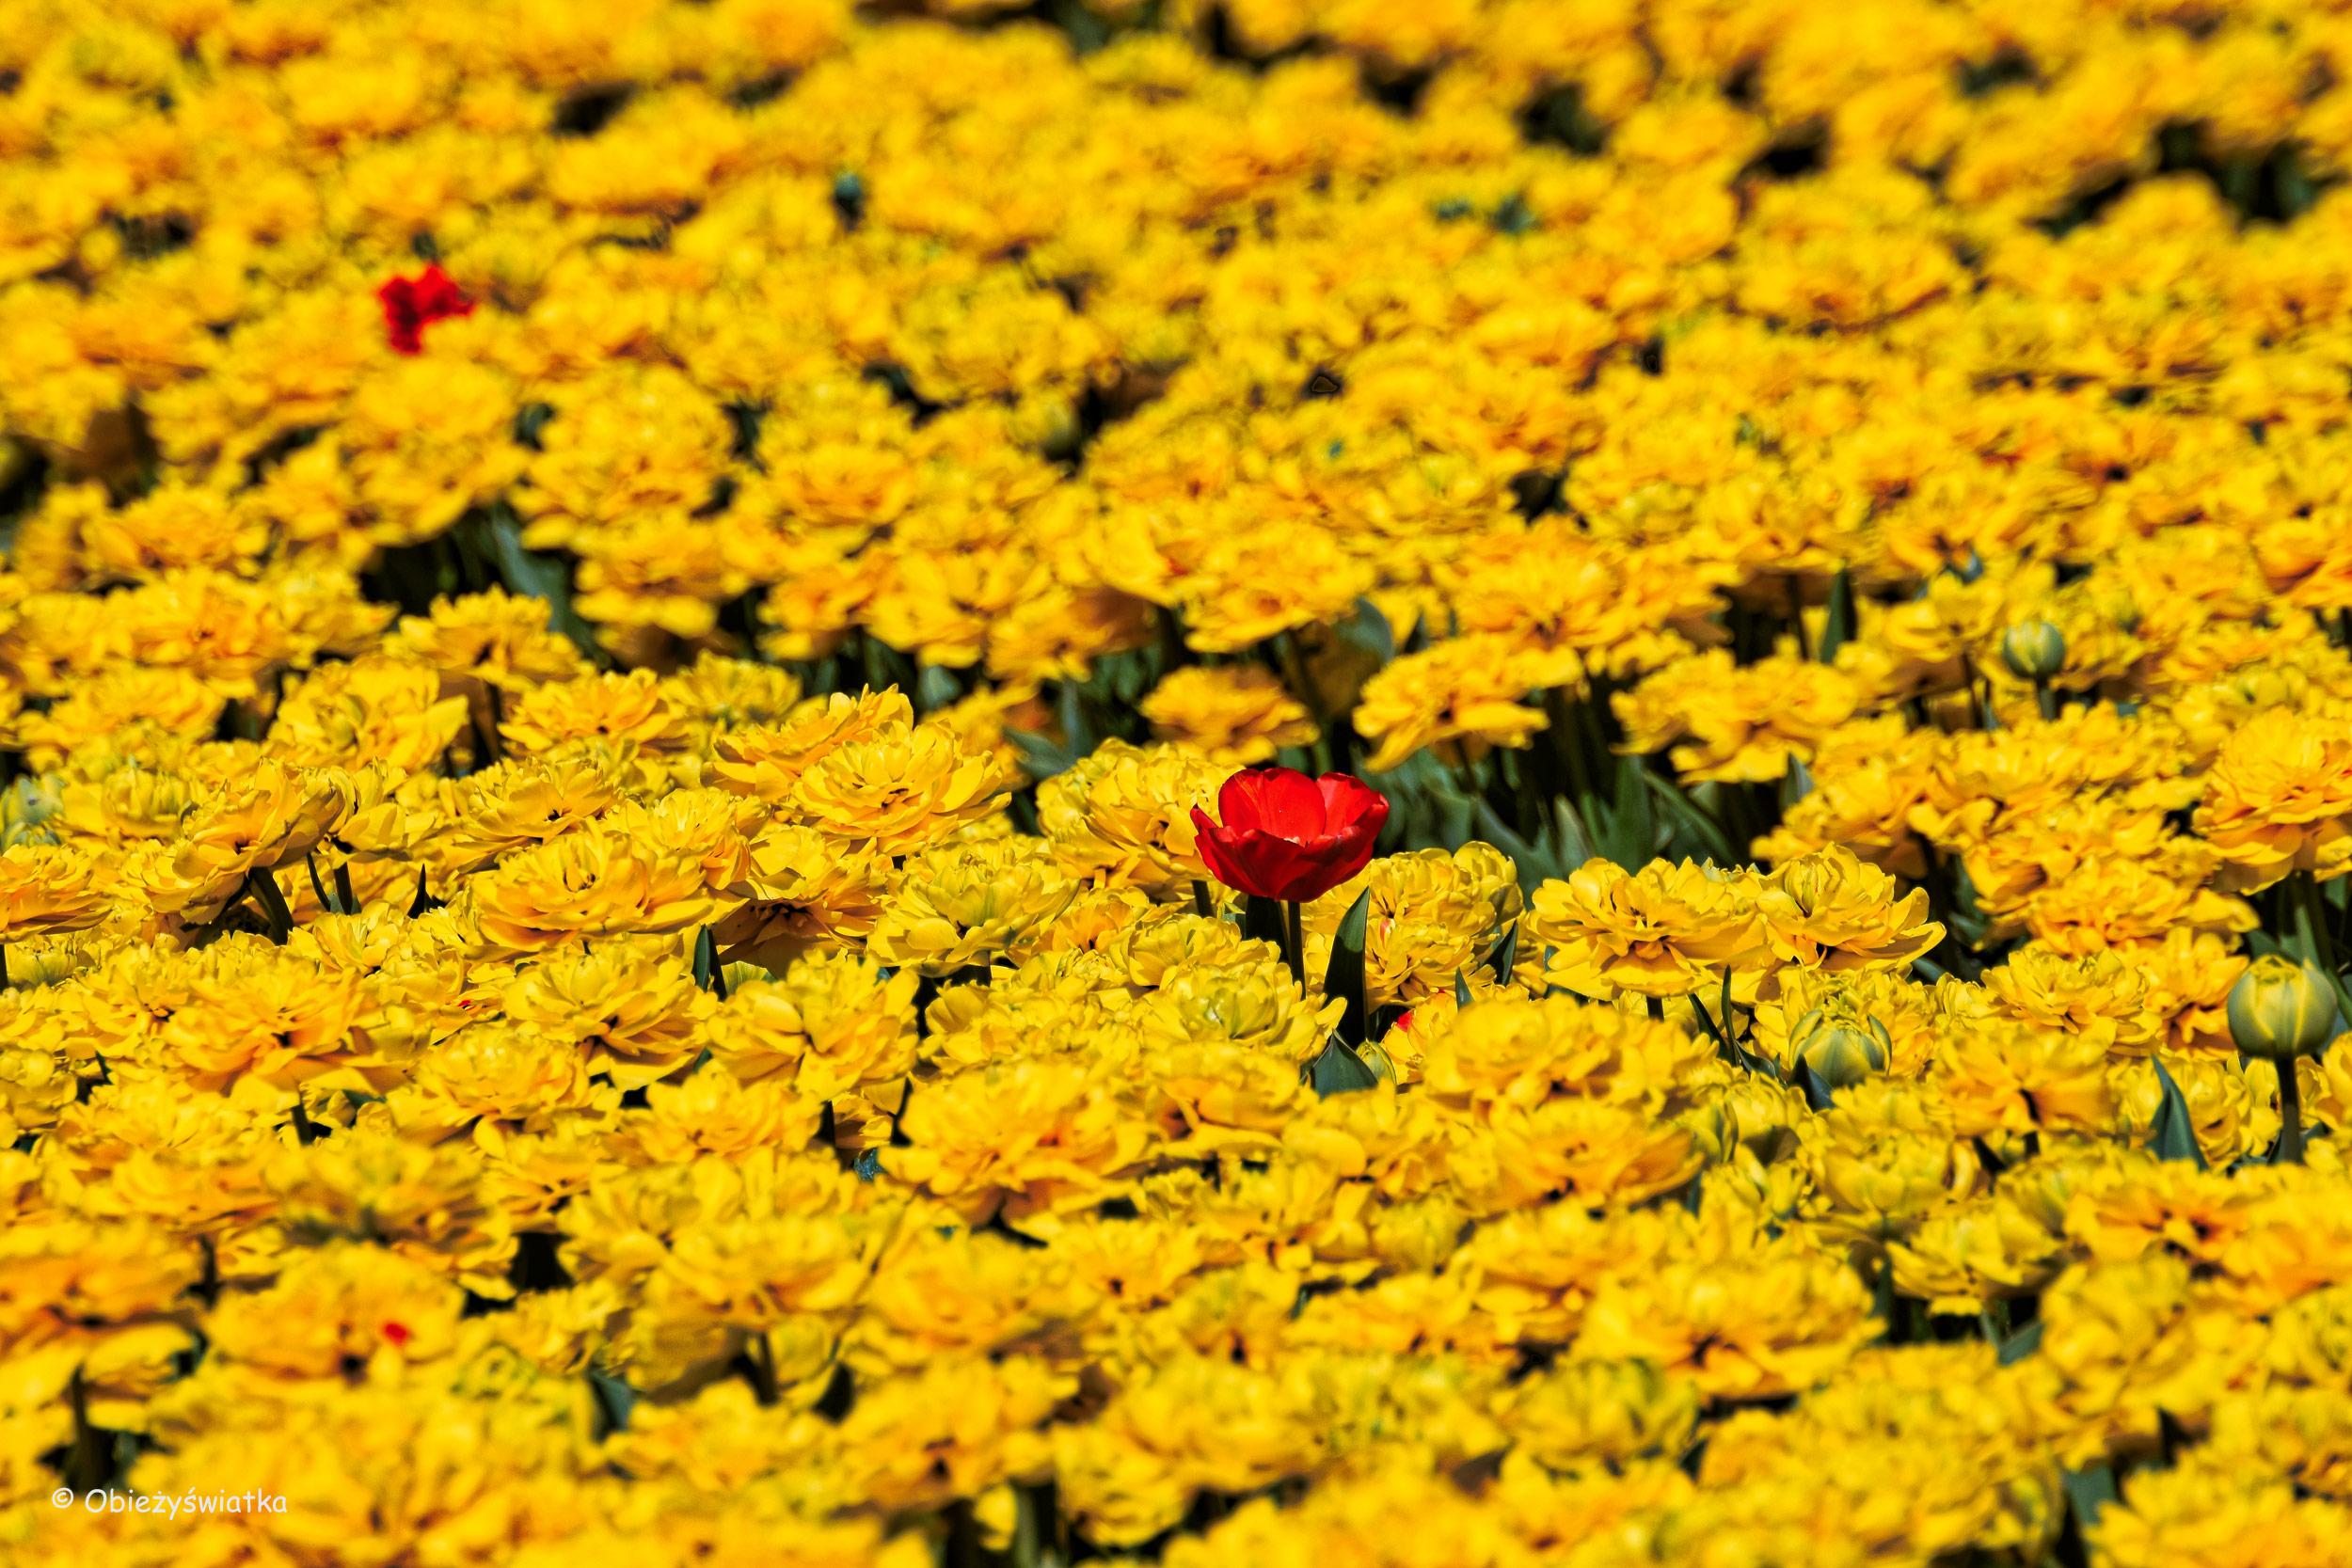 Tulipanowe pola w Holandii - wyjątek potwierdza regułę :)